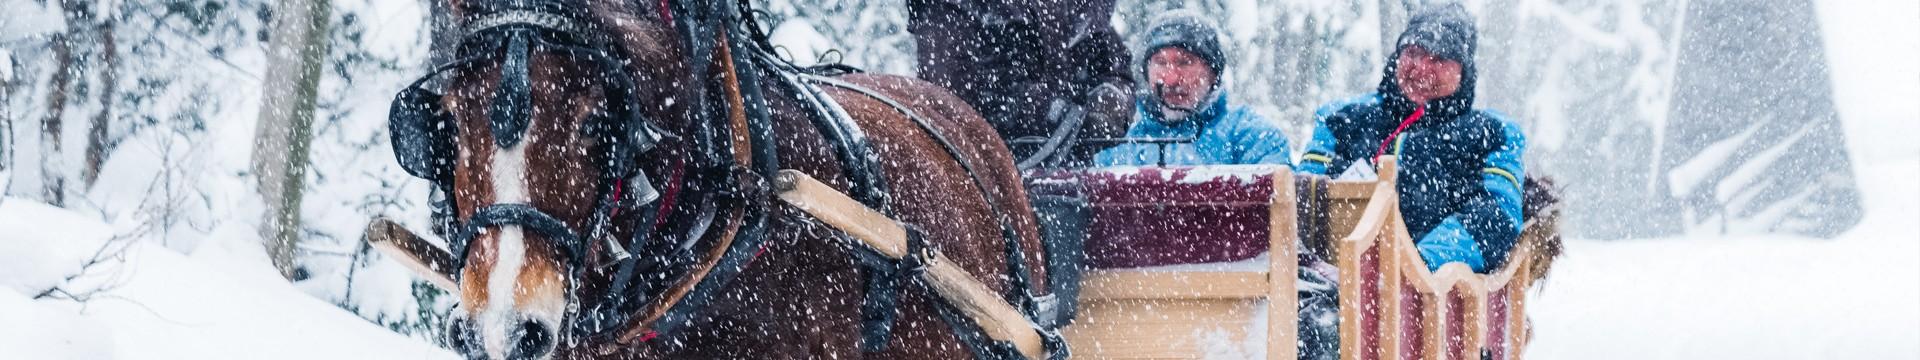 traineau-cheval-01-8850